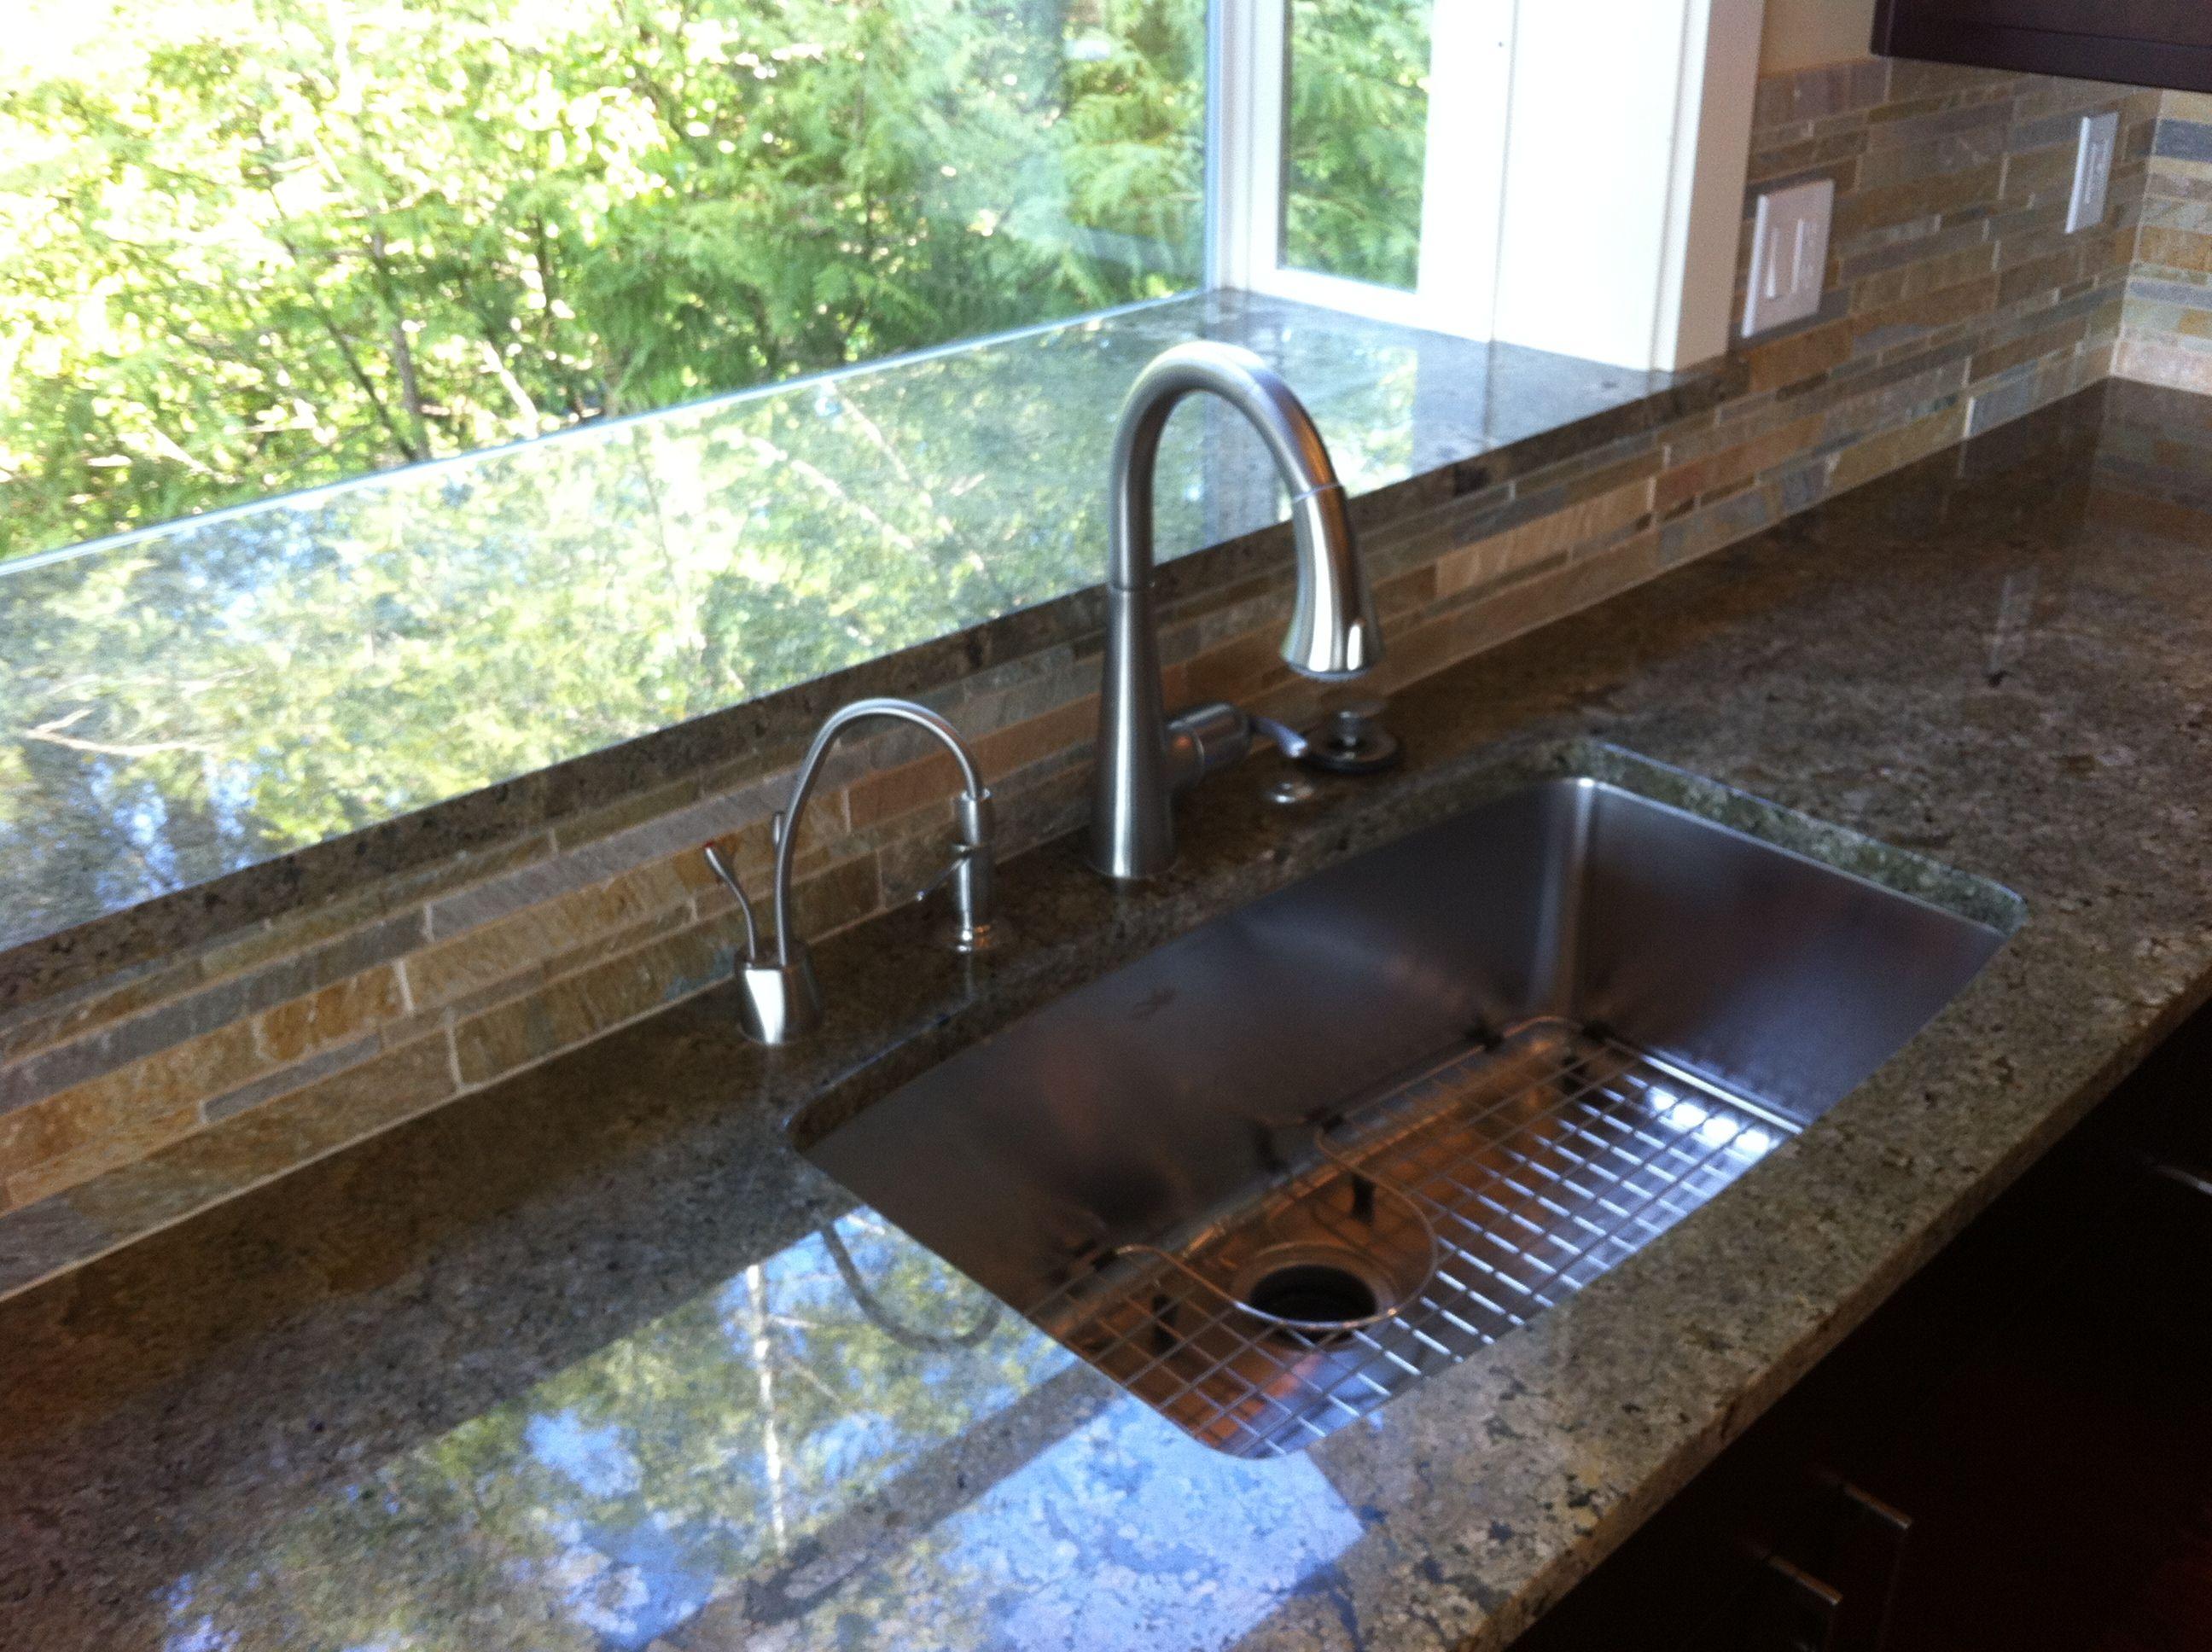 Seafoam Green Granite Countertop With Single Bowl Sink Granite Countertops Countertops Countertop Design